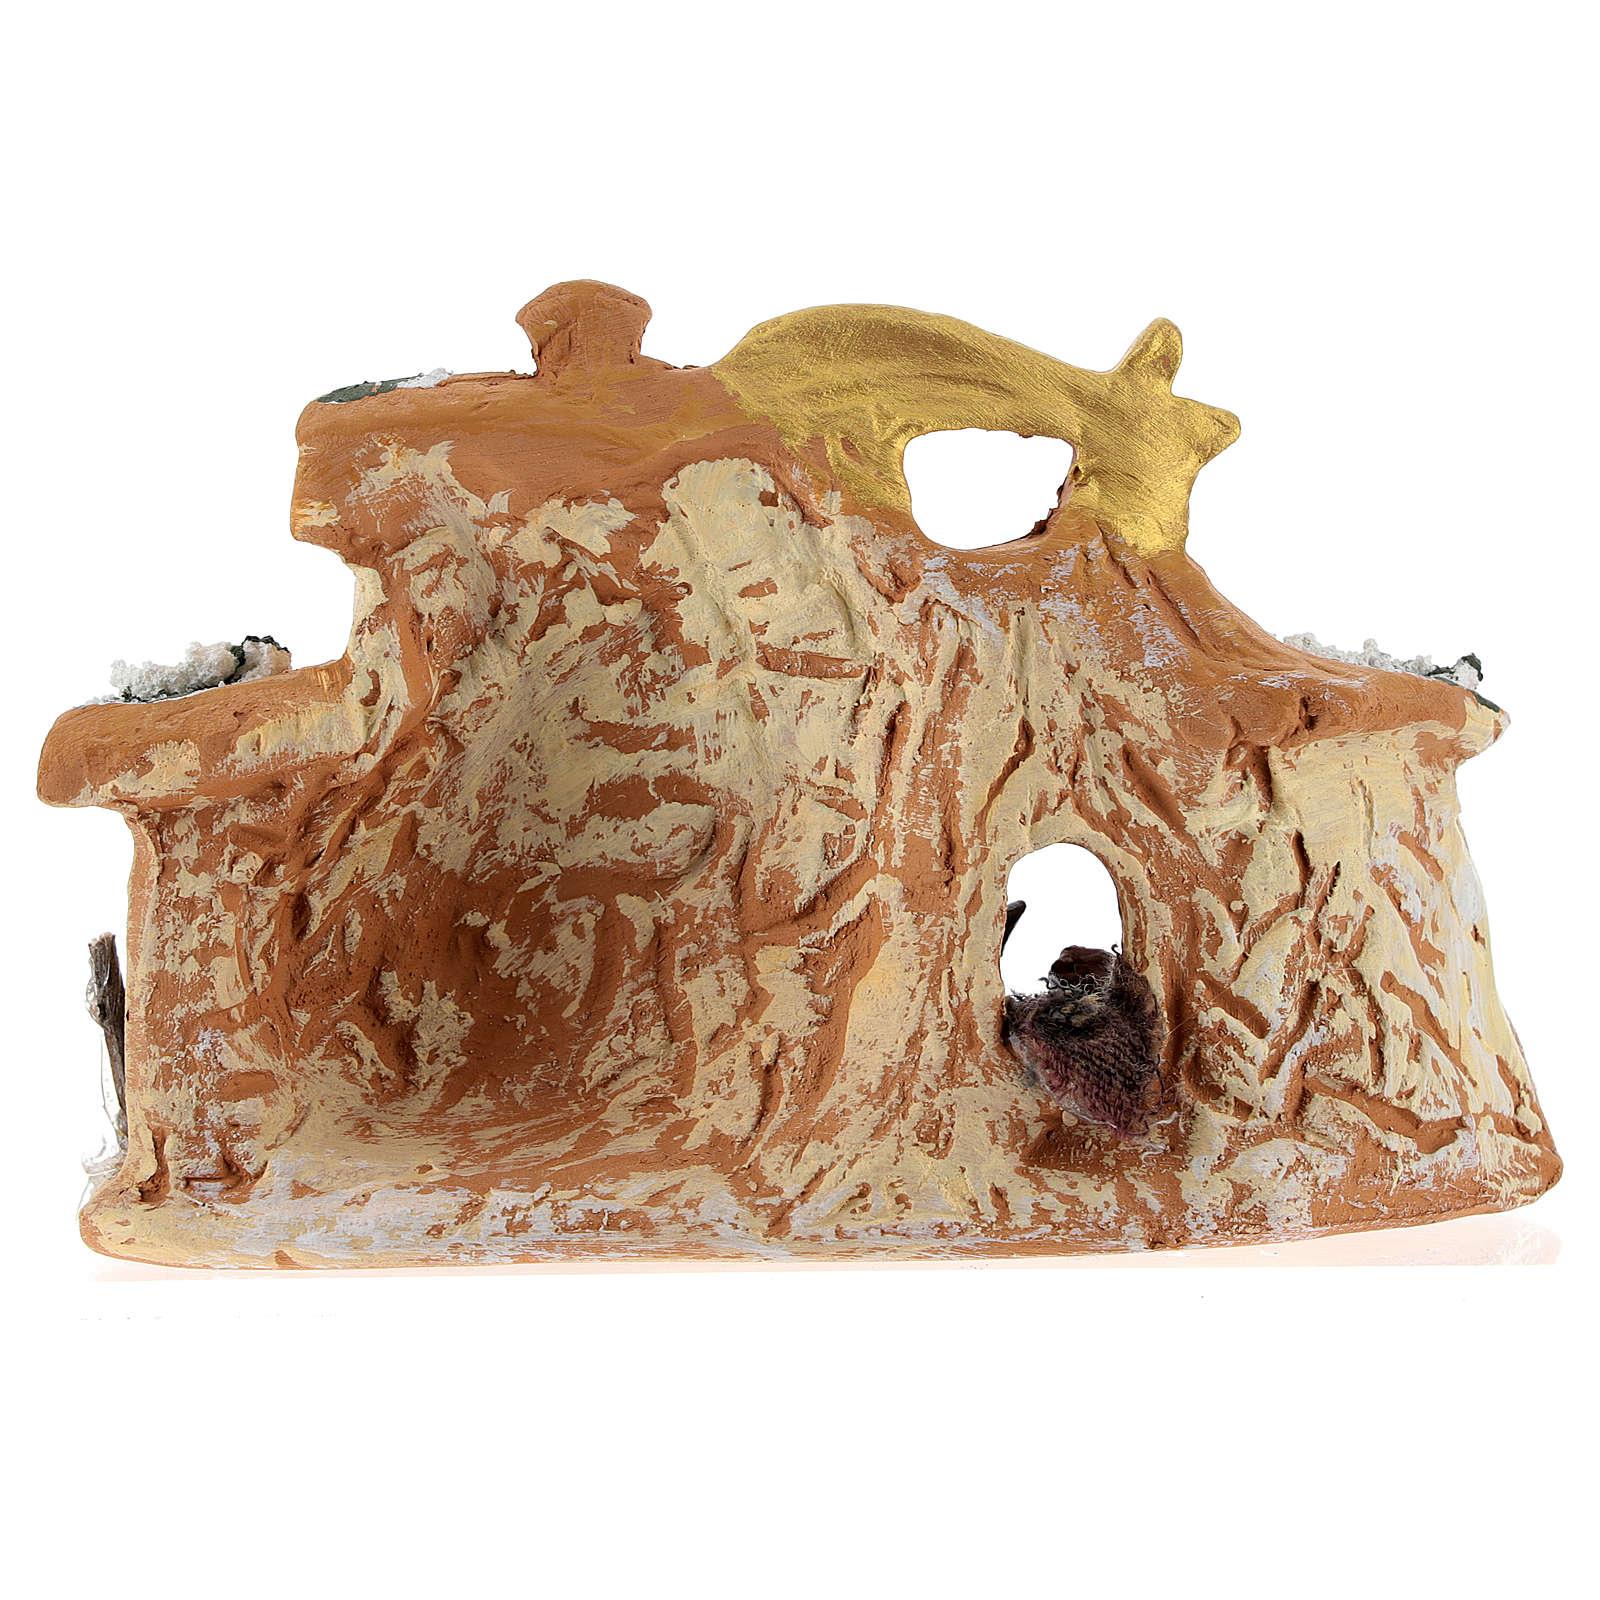 Cabaña de terracota coloreada con belén 4 cm Deruta 5 piezas y cometa 4